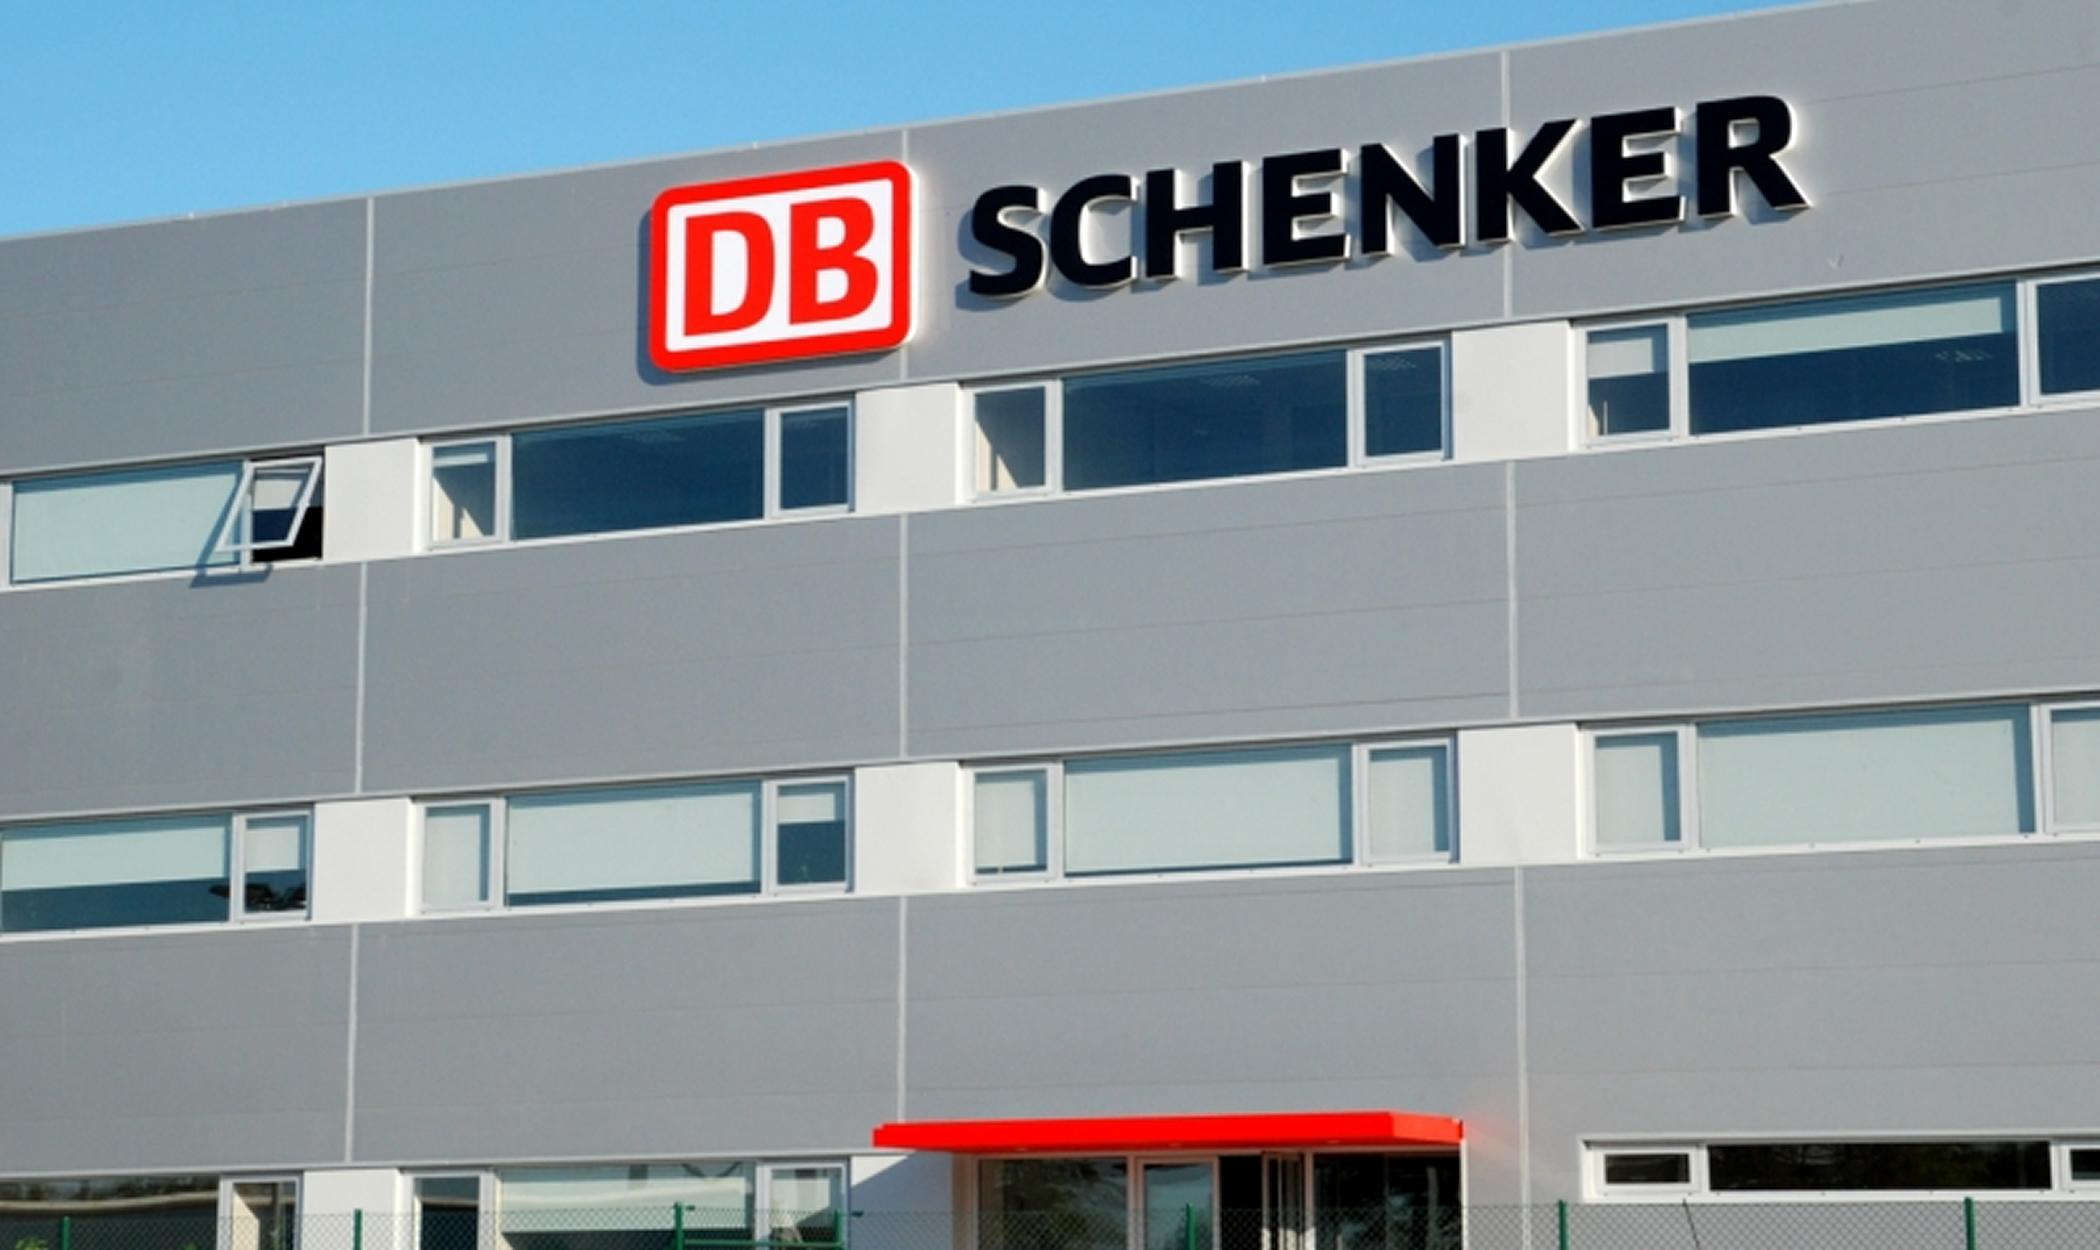 Unidade Industrial DB SCHENKER